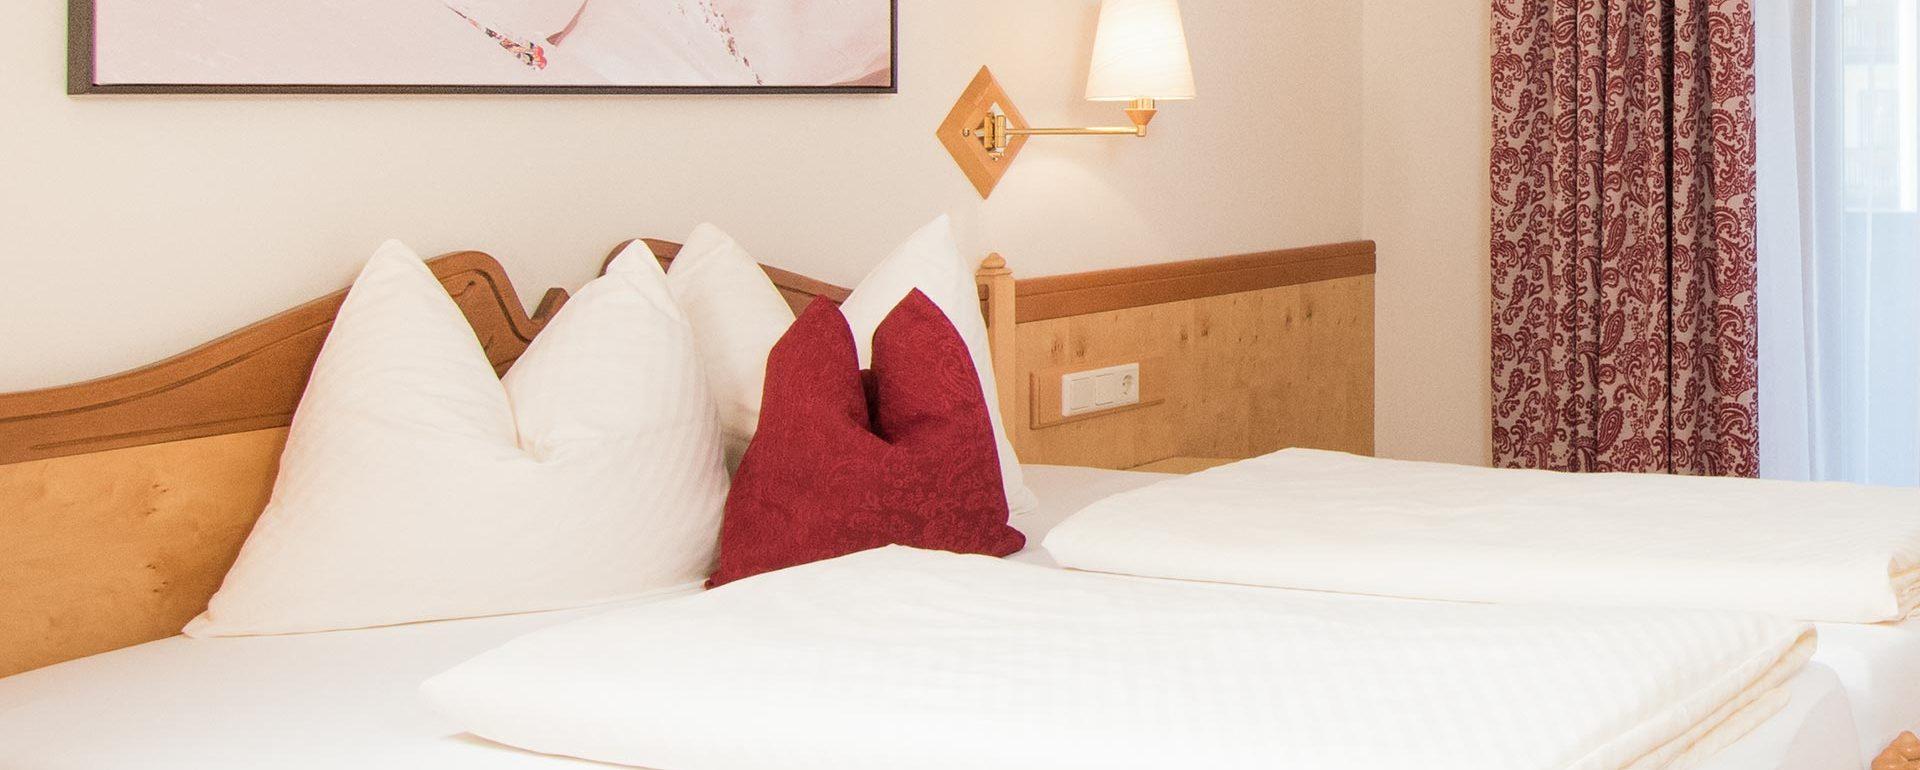 Zimmer im Hotel Zauchenese Zentral